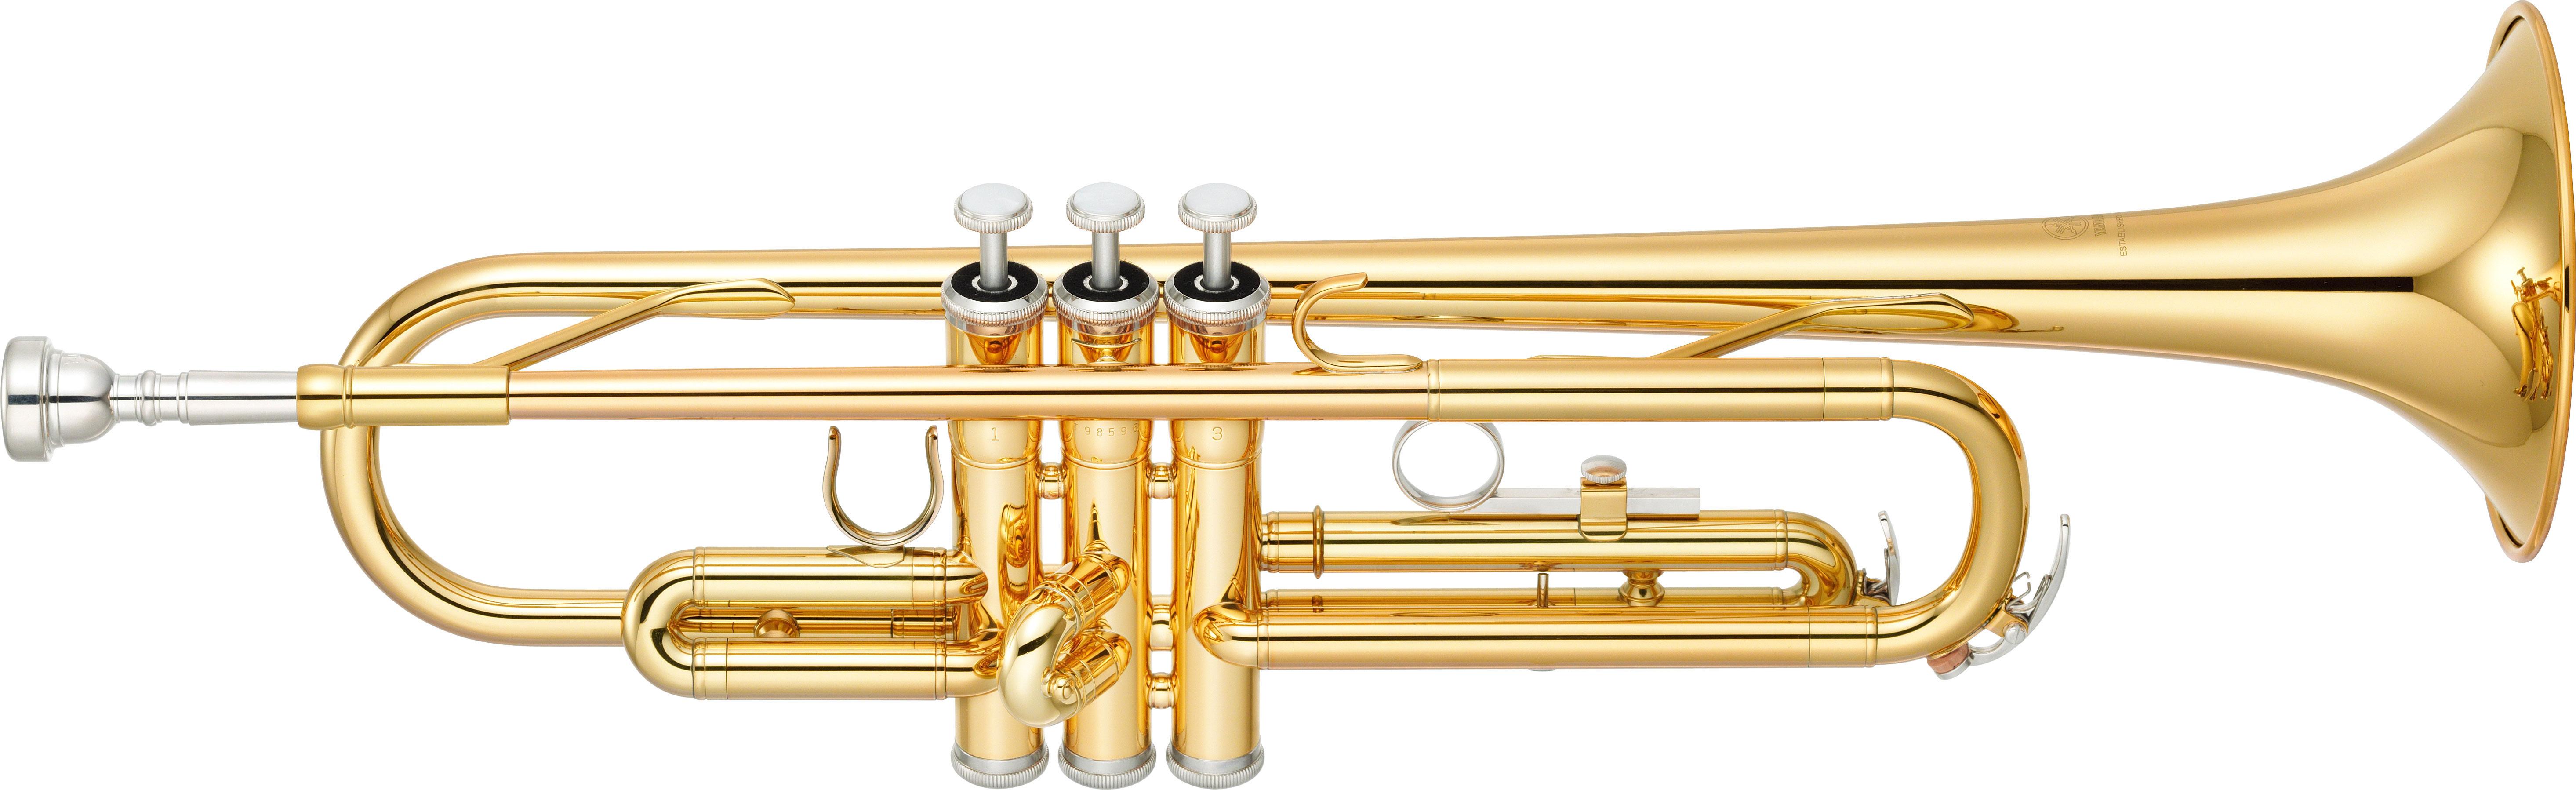 Купить музыкальные инструменты для детей в интернет-магазине